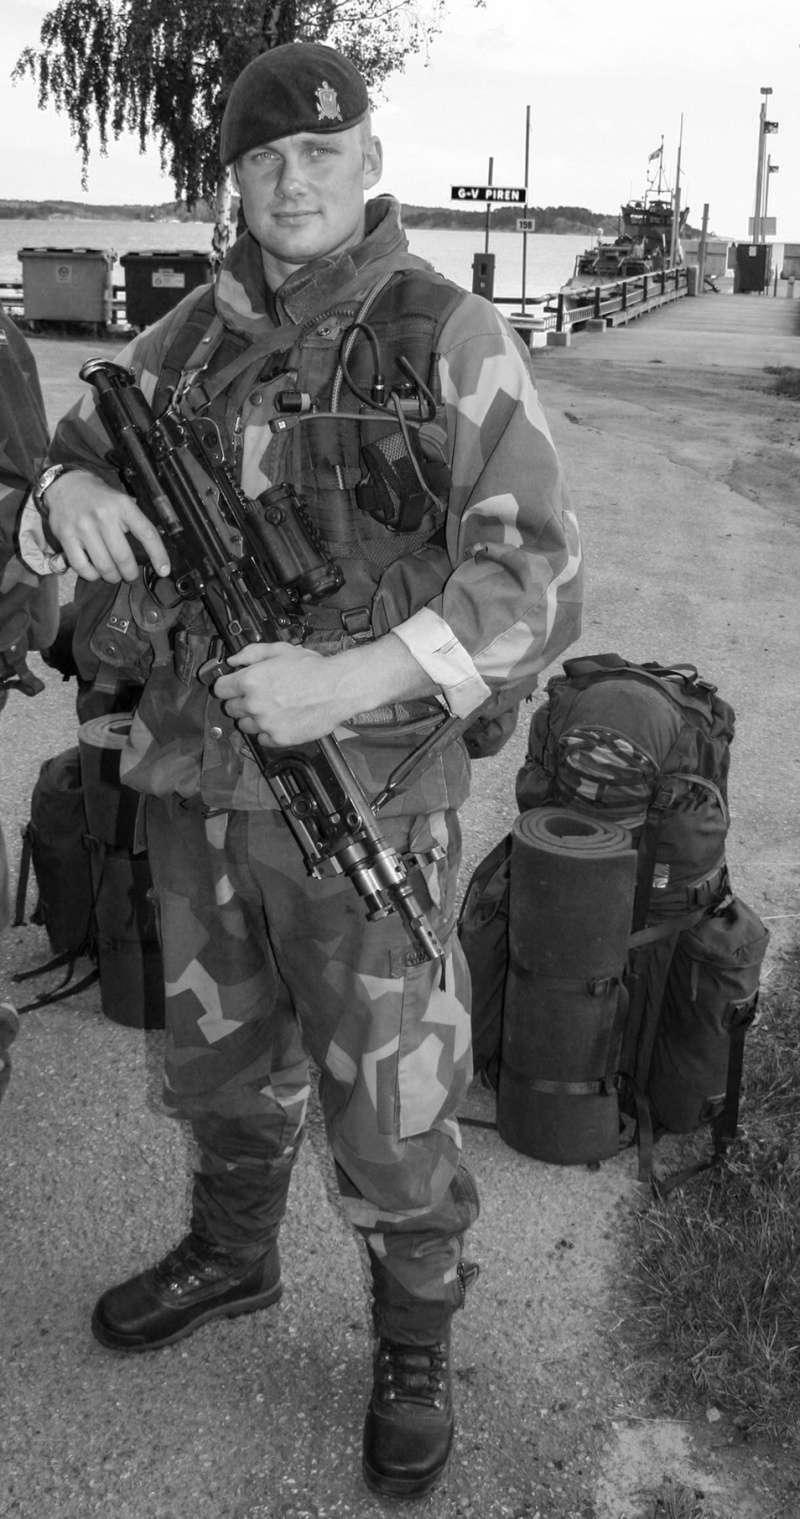 L'influence du camouflage allemand ww2, de nos jours. - Page 6 H10